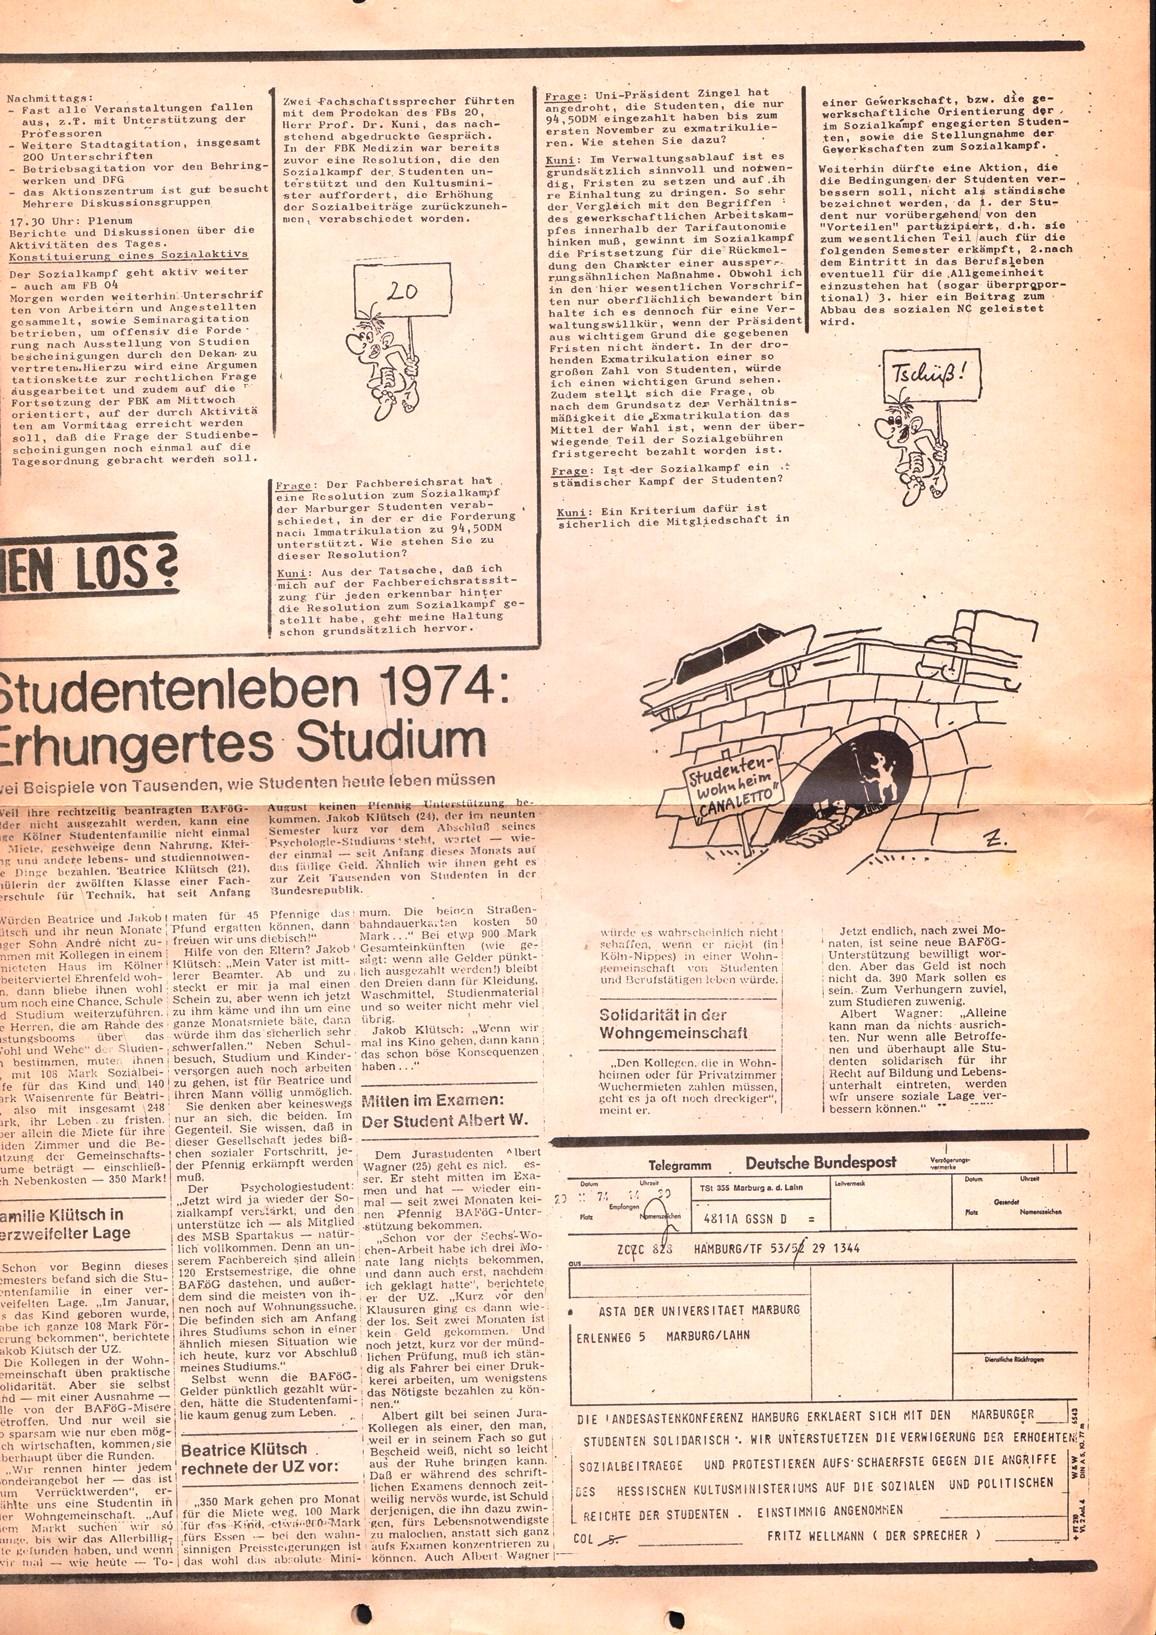 Marburg_AStA_Streikpresse_4_1974_03